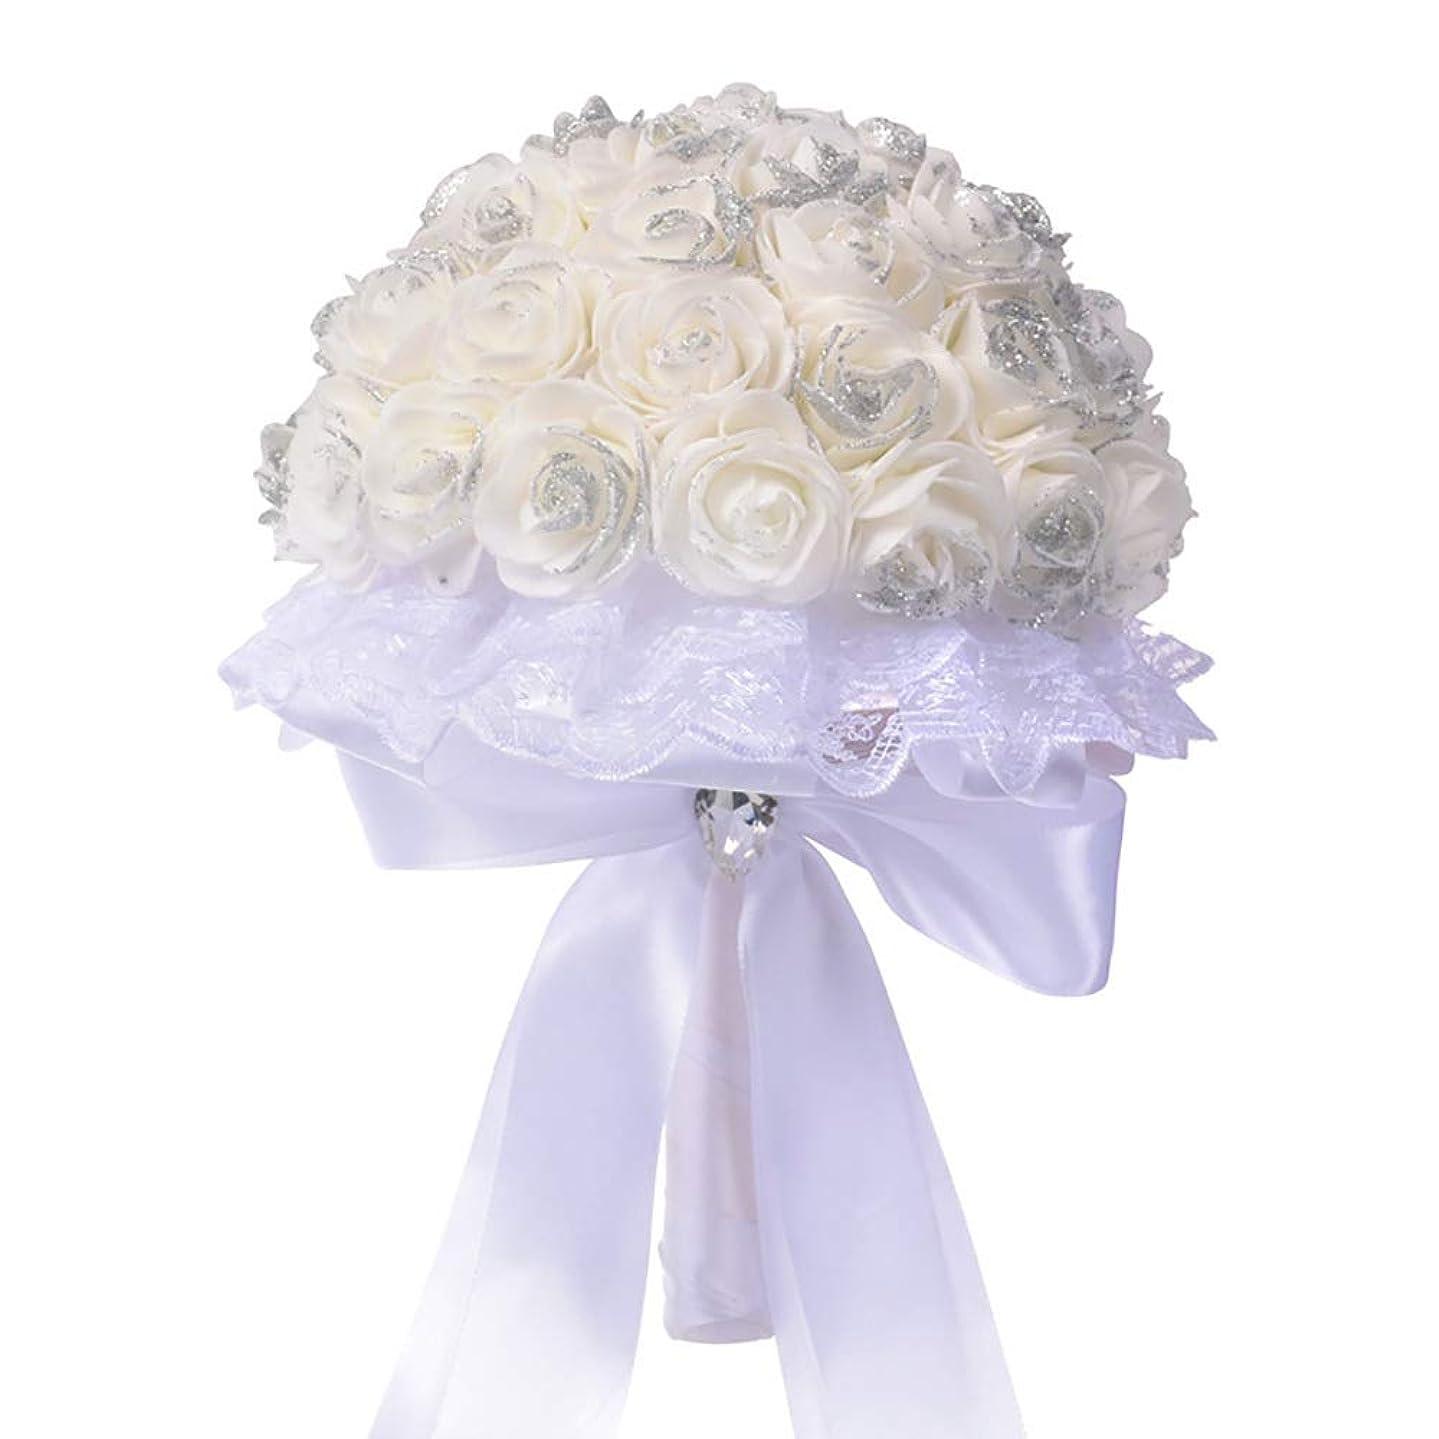 ブラスト繕うテザーブライダルブーケ ホワイト花嫁ウェディングブーケPeの泡シミュレーションフラワーウェディング用品ウェディングブーケリビングルームオフィスパーティーガーデンDIYの装飾 (Color : White, Size : 26cm x 19cm)